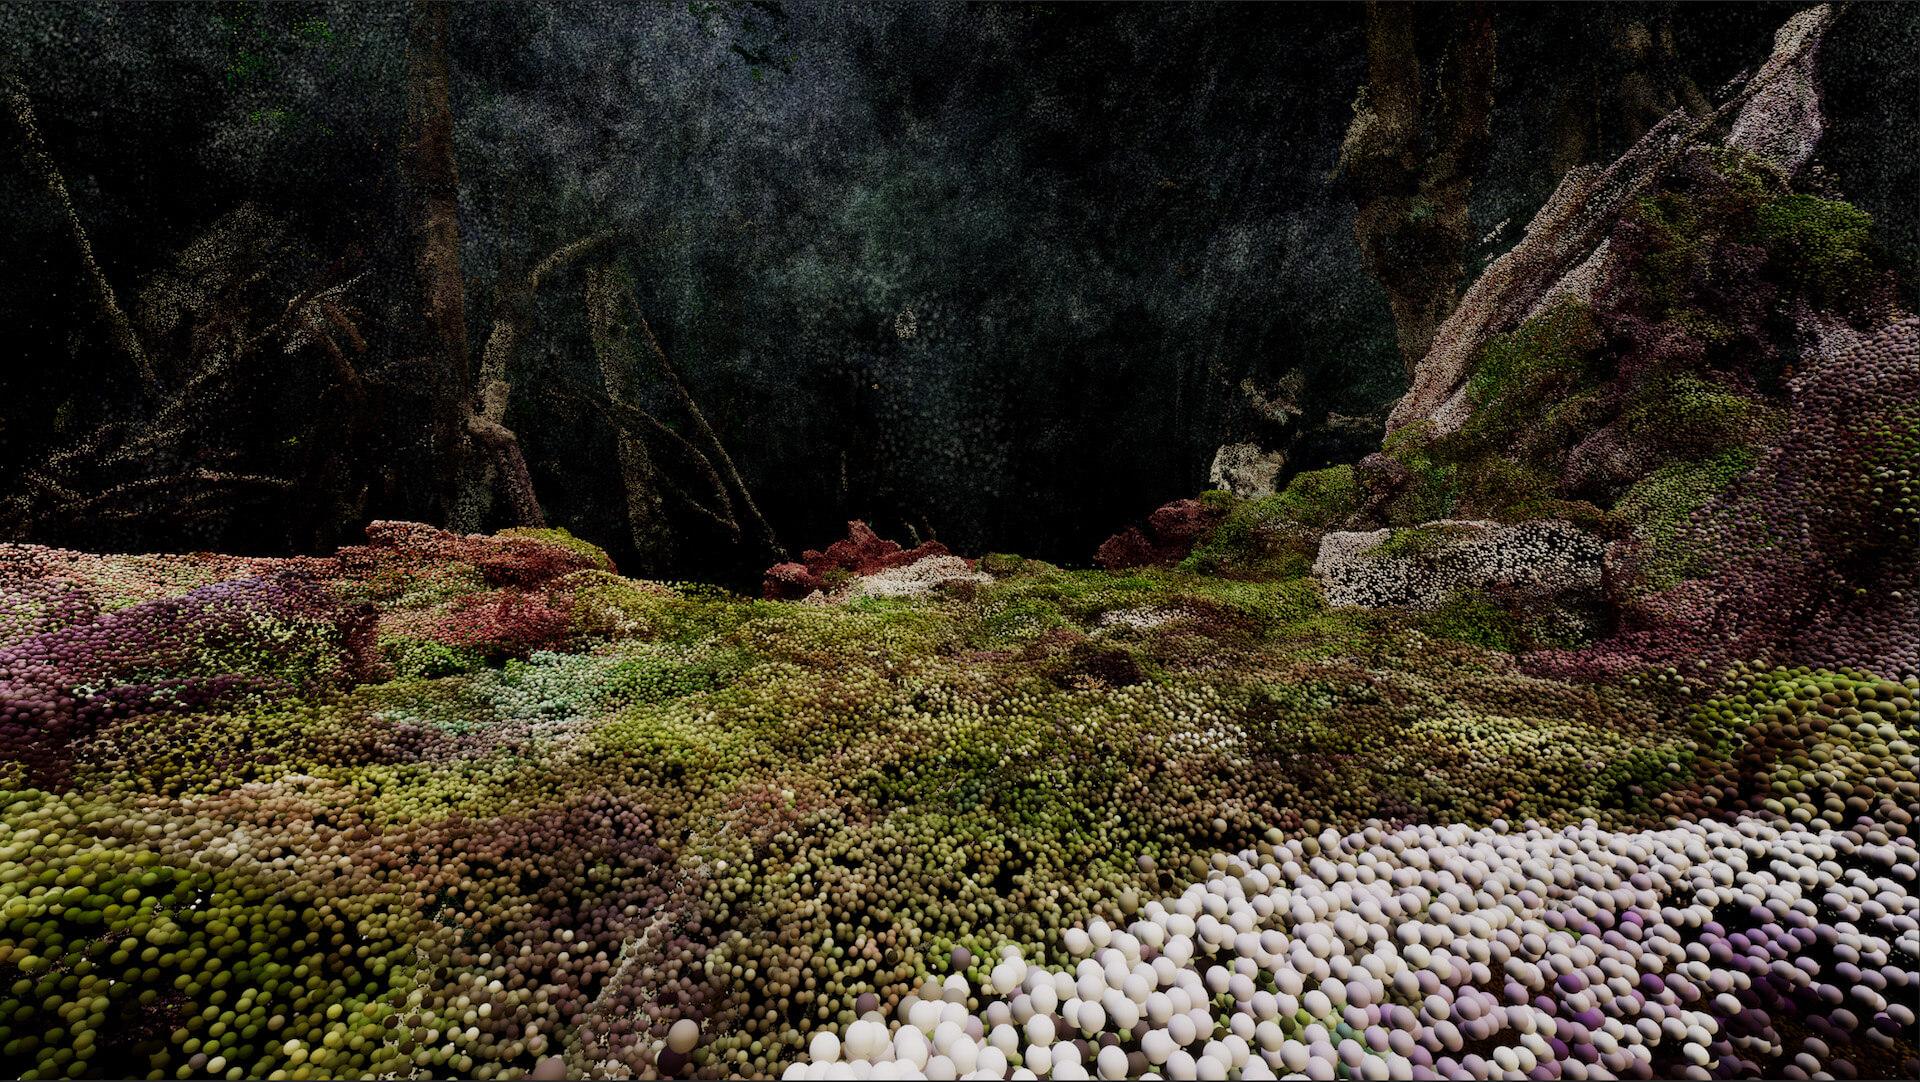 YAKUSHIMA TREASUREの死生観とポストコロナの表現|屋久島の原生林でのライヴ作品『ANOTHER LIVE』に迫る music210219_yakushimatreasure_32